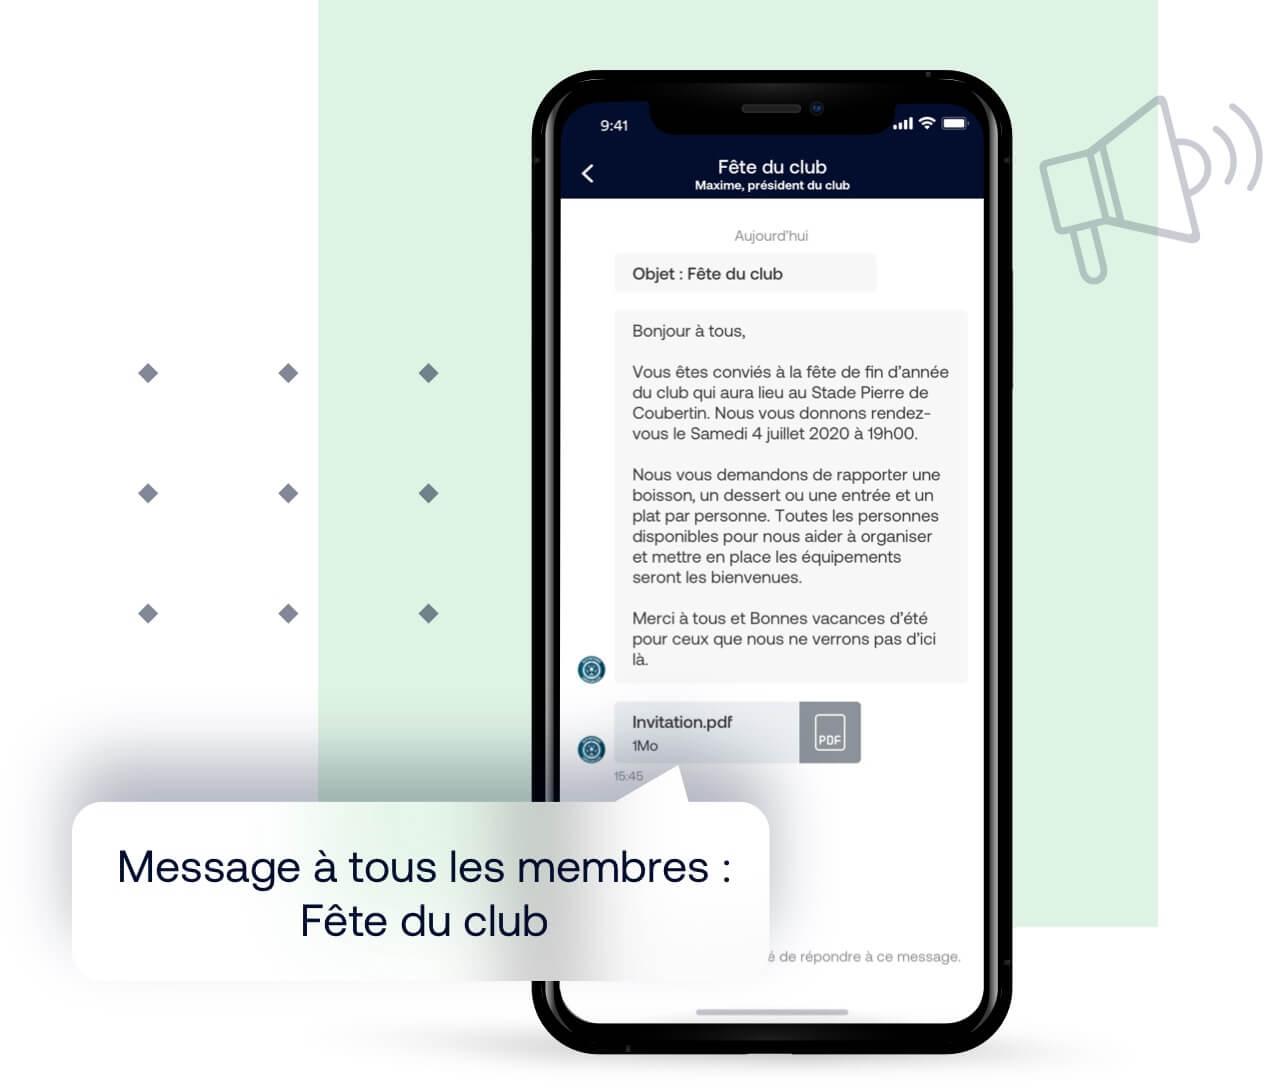 Outil de communication : newsletter du club, message individuel ou groupé, partage de document